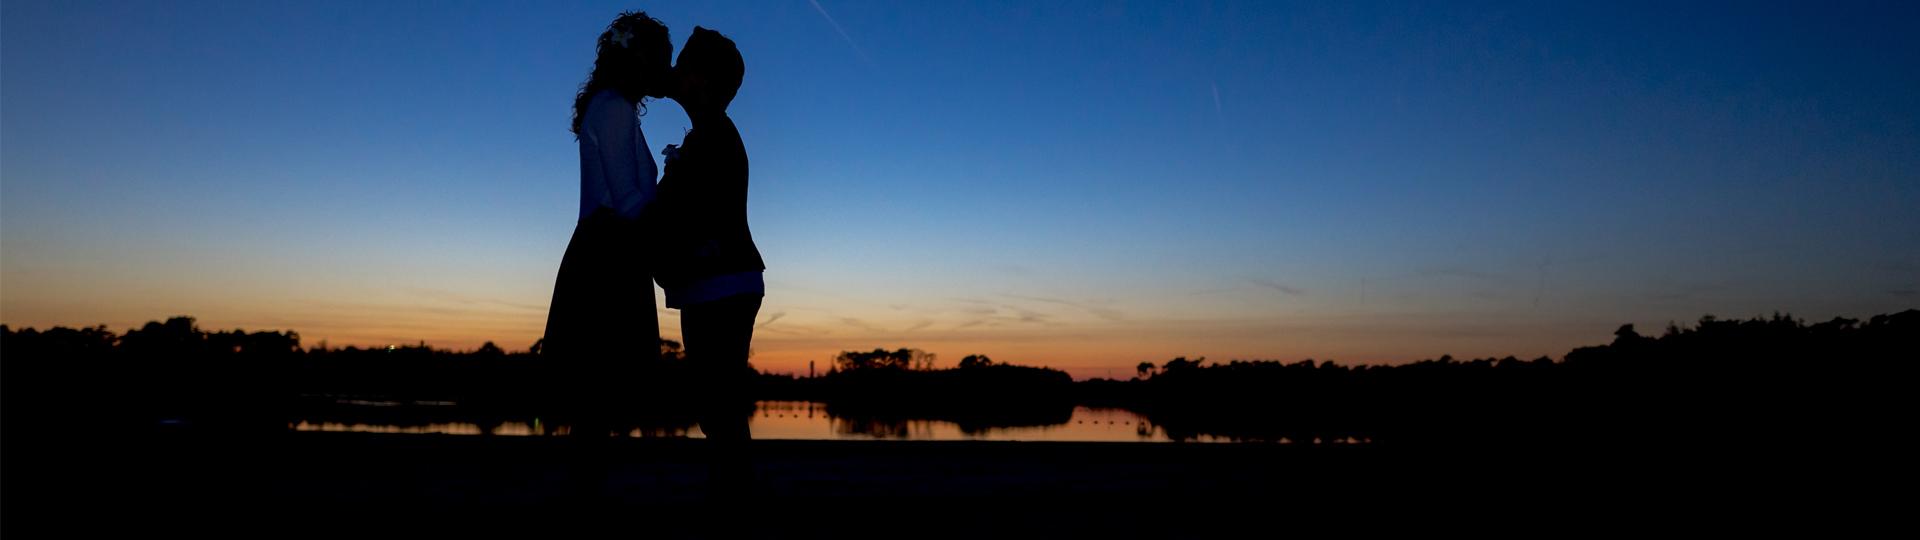 Trouwfoto Gemert bij zonsondergang